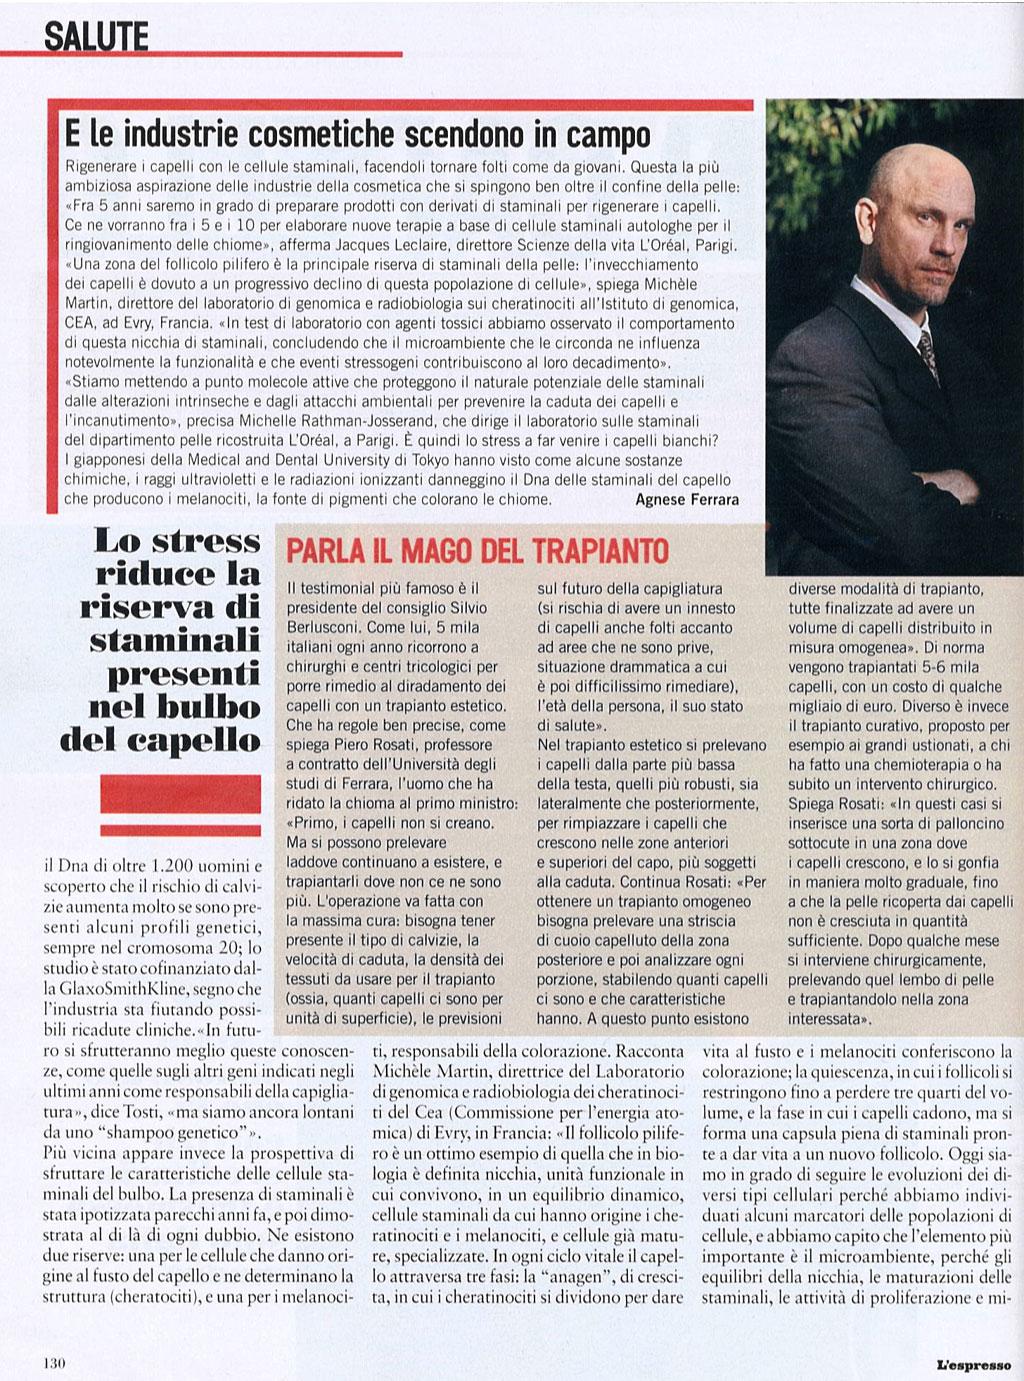 Parla il mago del trapianto - Articolo su Piero Rosati su L'Espresso 3